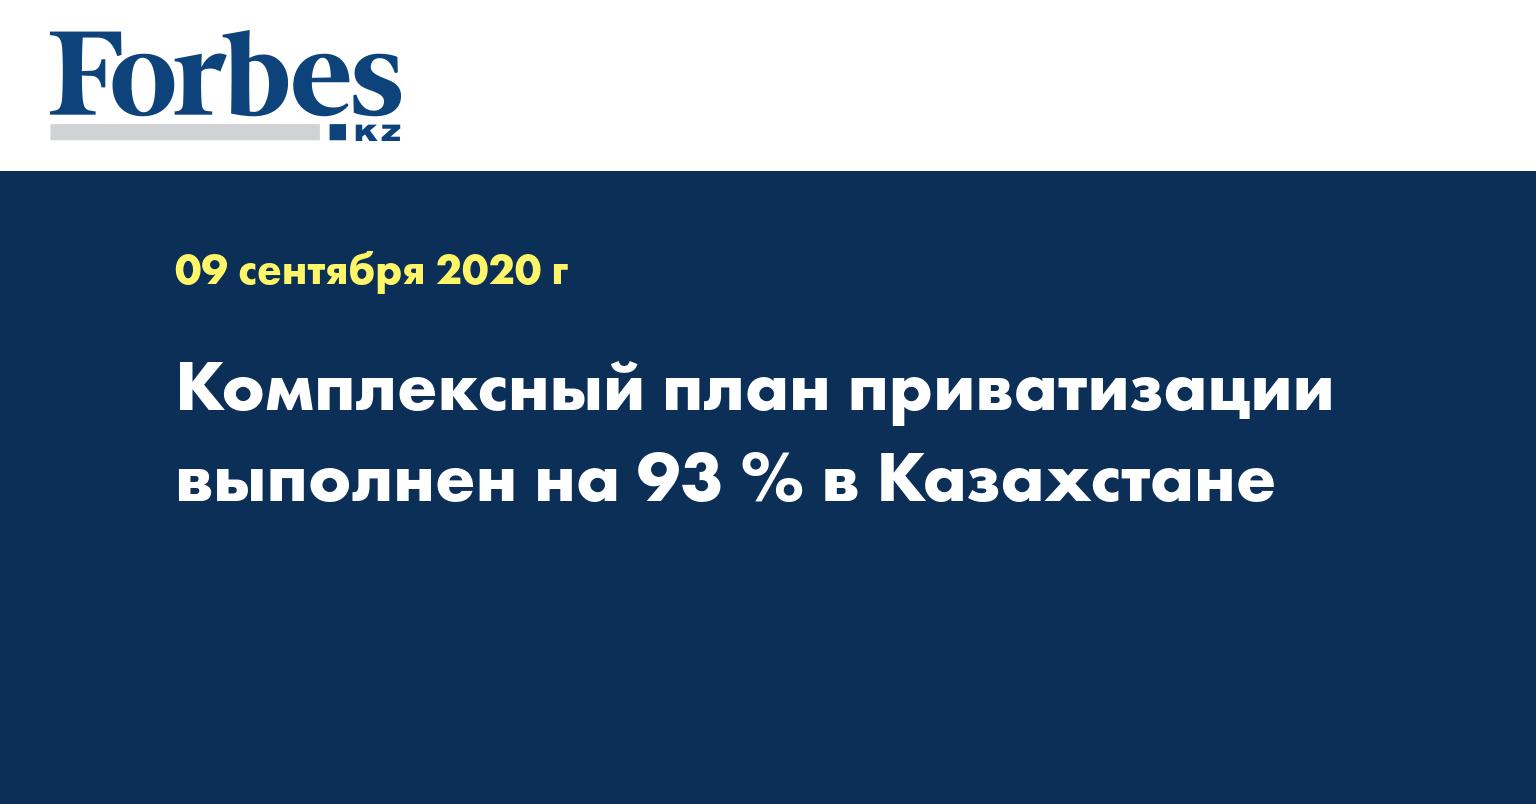 Комплексный план приватизации выполнен  на 93 % в Казахстане